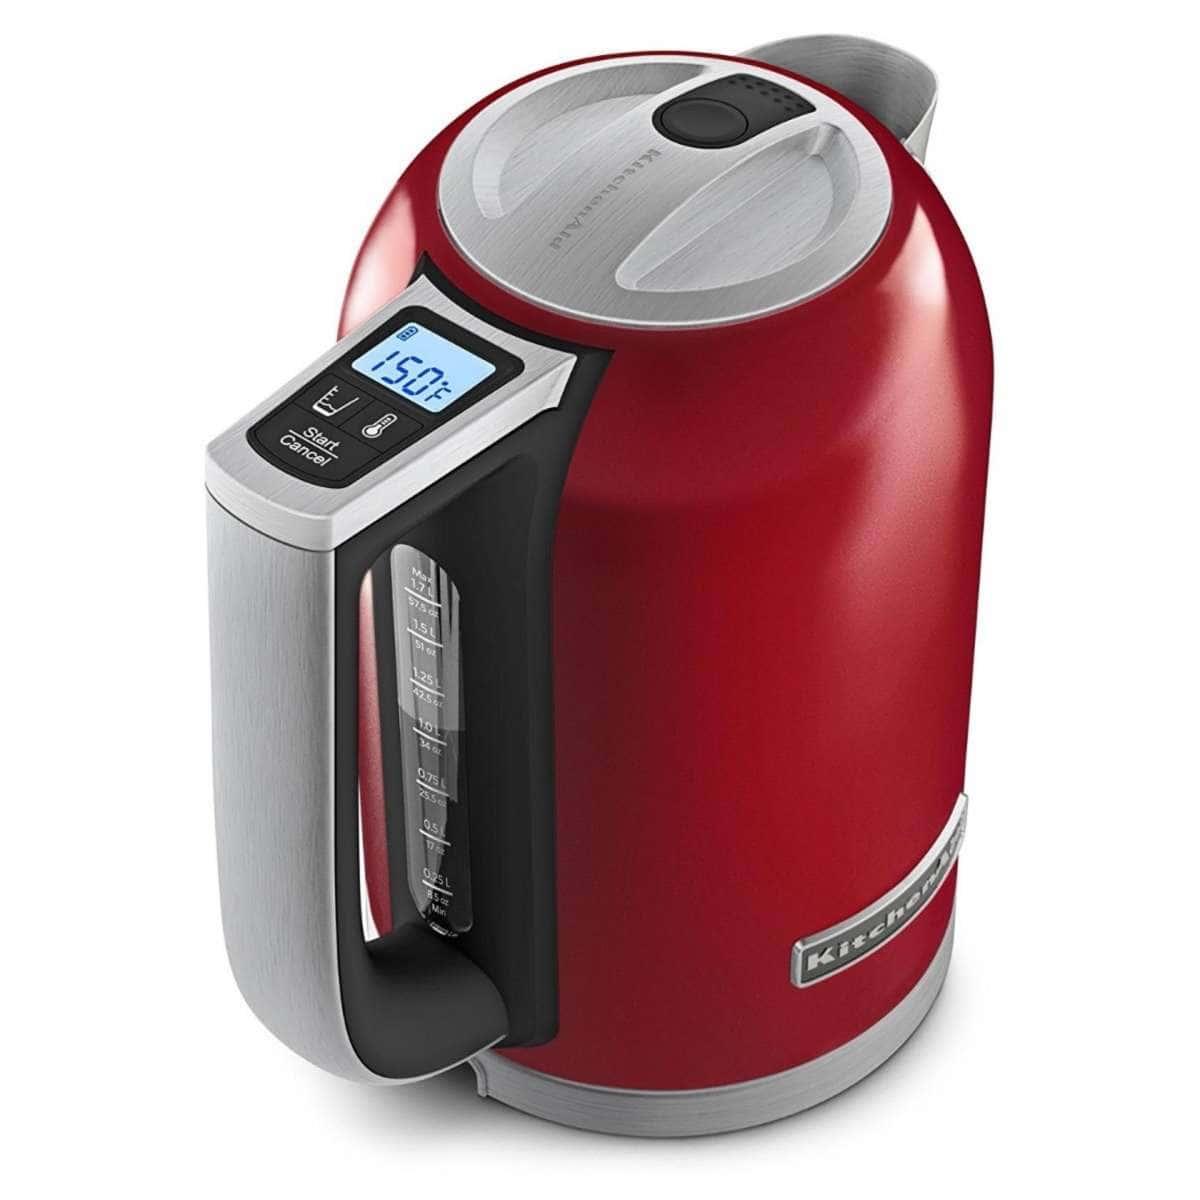 Ấm đun nước siêu tốc điện tử KitchenAid 1,7 lít màu đỏ 5KEK1722EER-02